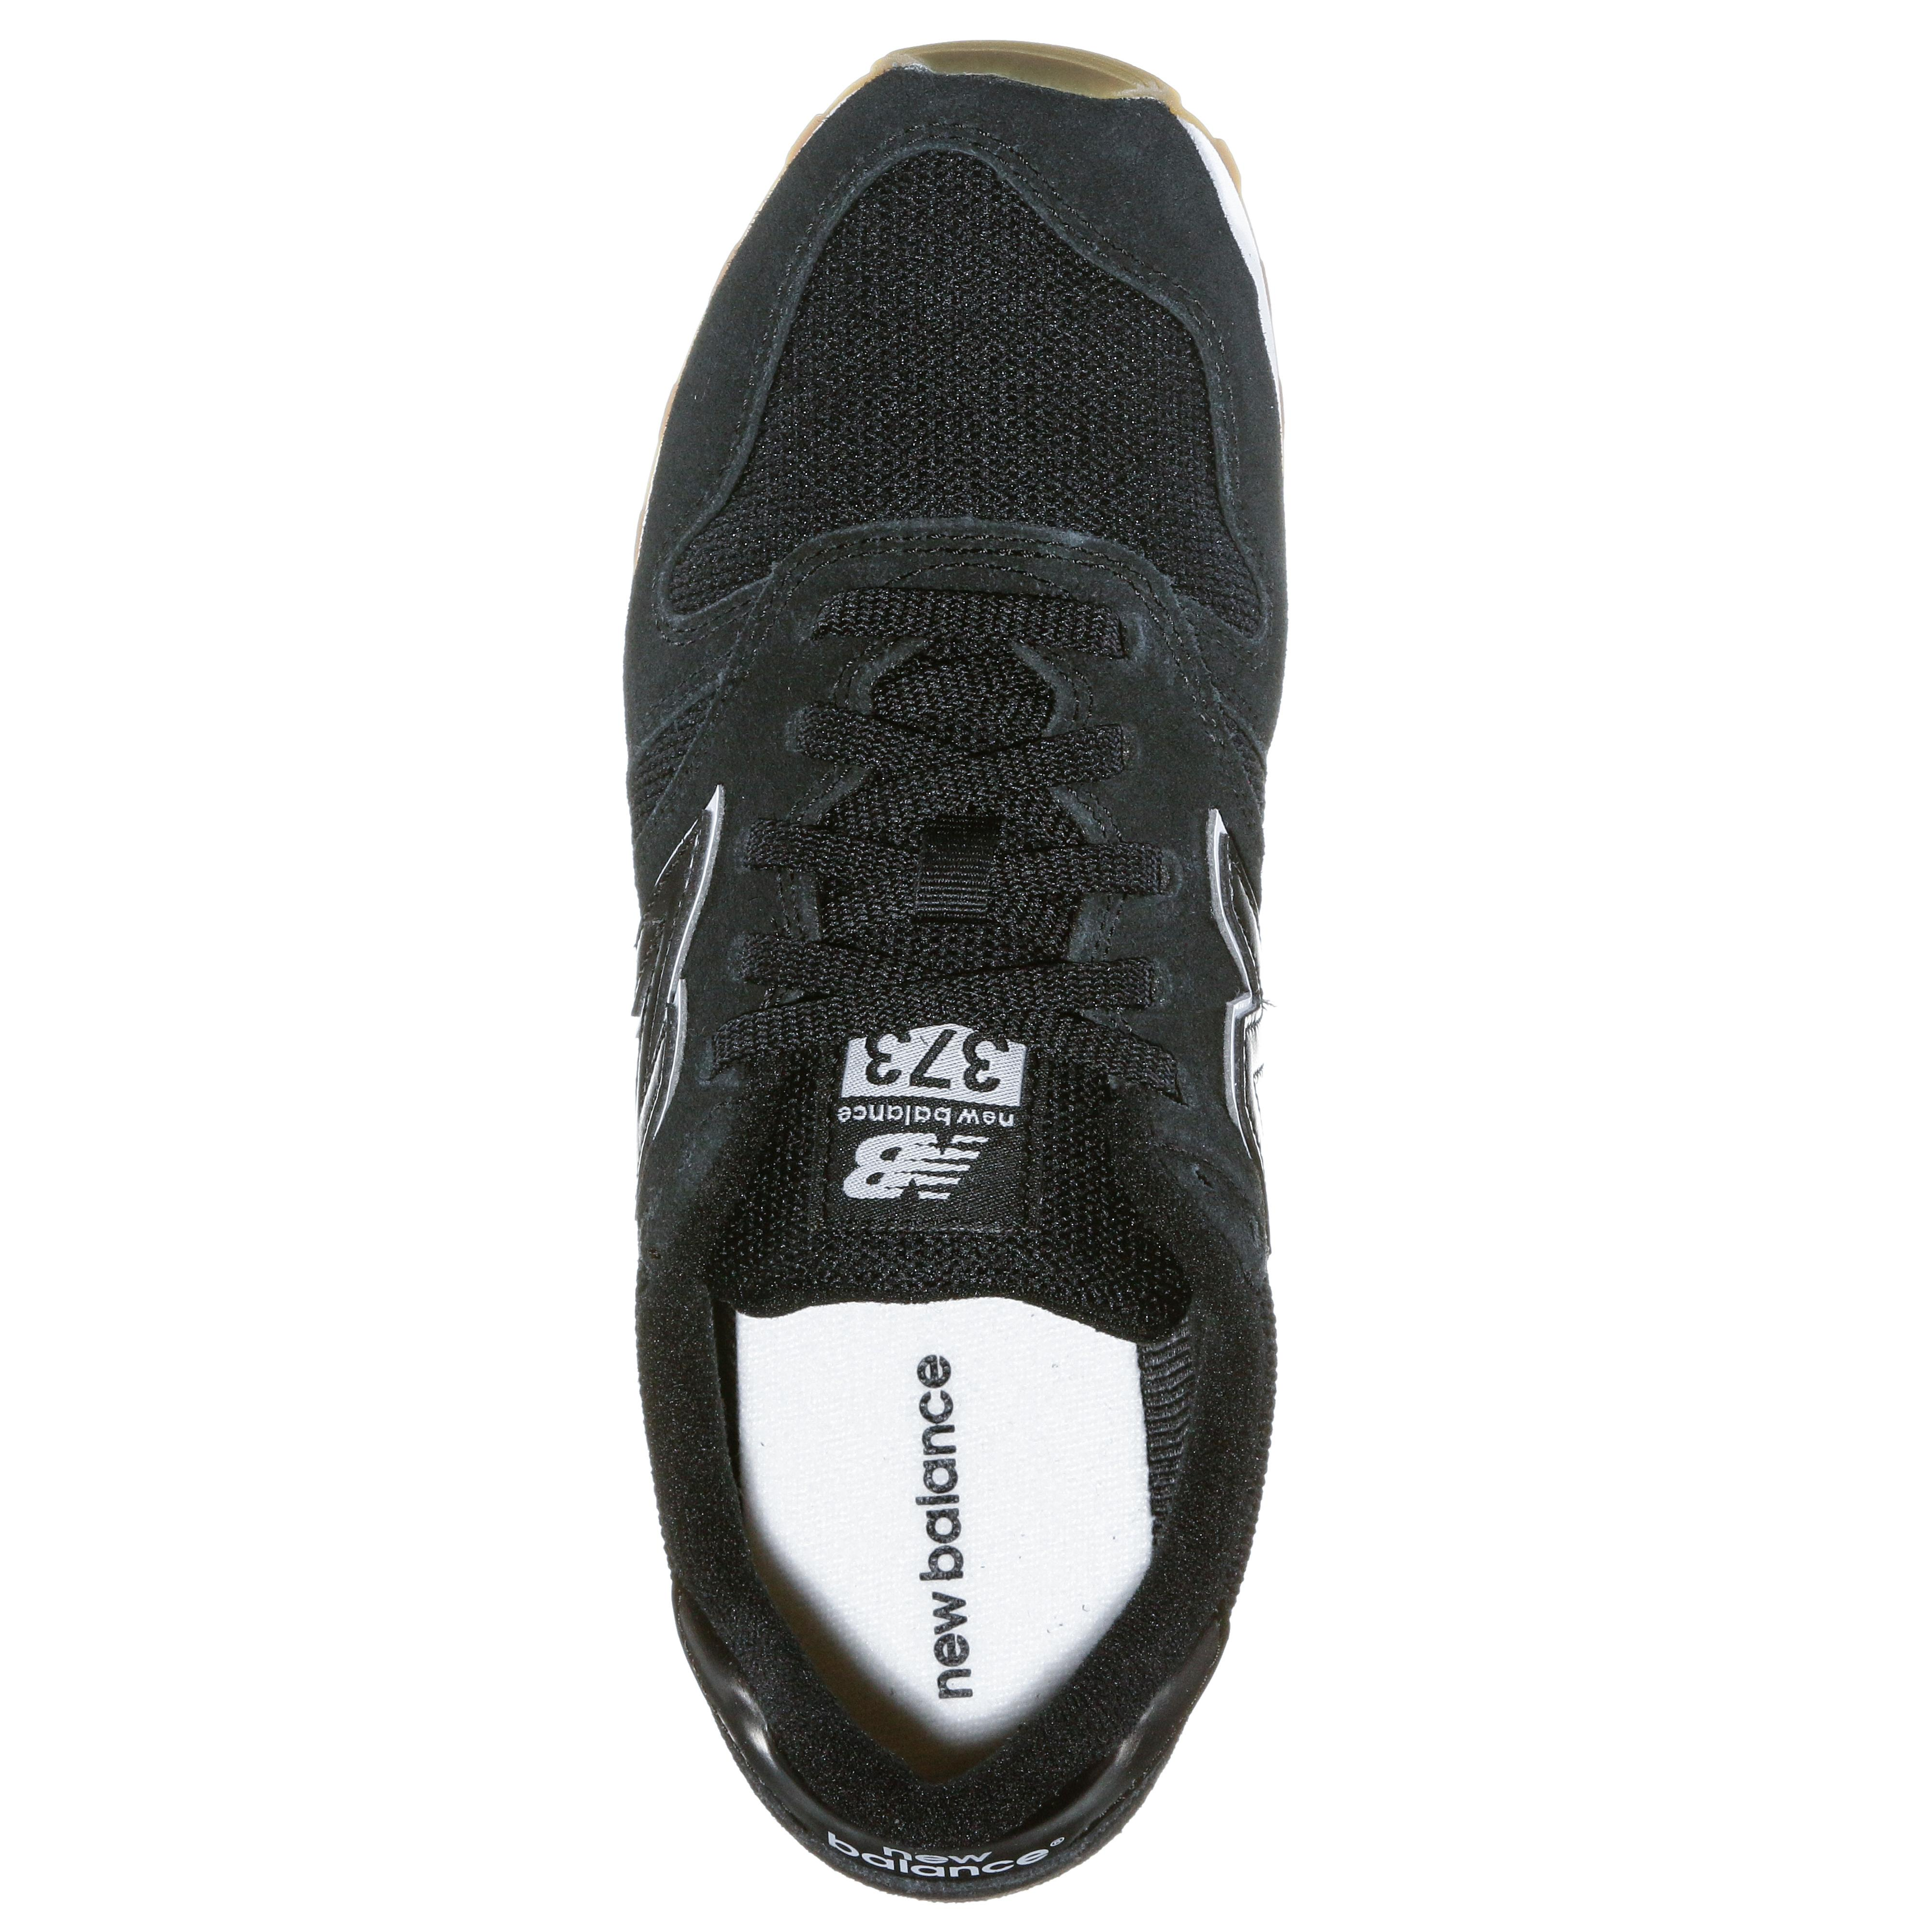 NEW BALANCE BALANCE BALANCE 373 Turnschuhe Damen Rosa sand im Online Shop von SportScheck kaufen Gute Qualität beliebte Schuhe 70da6e